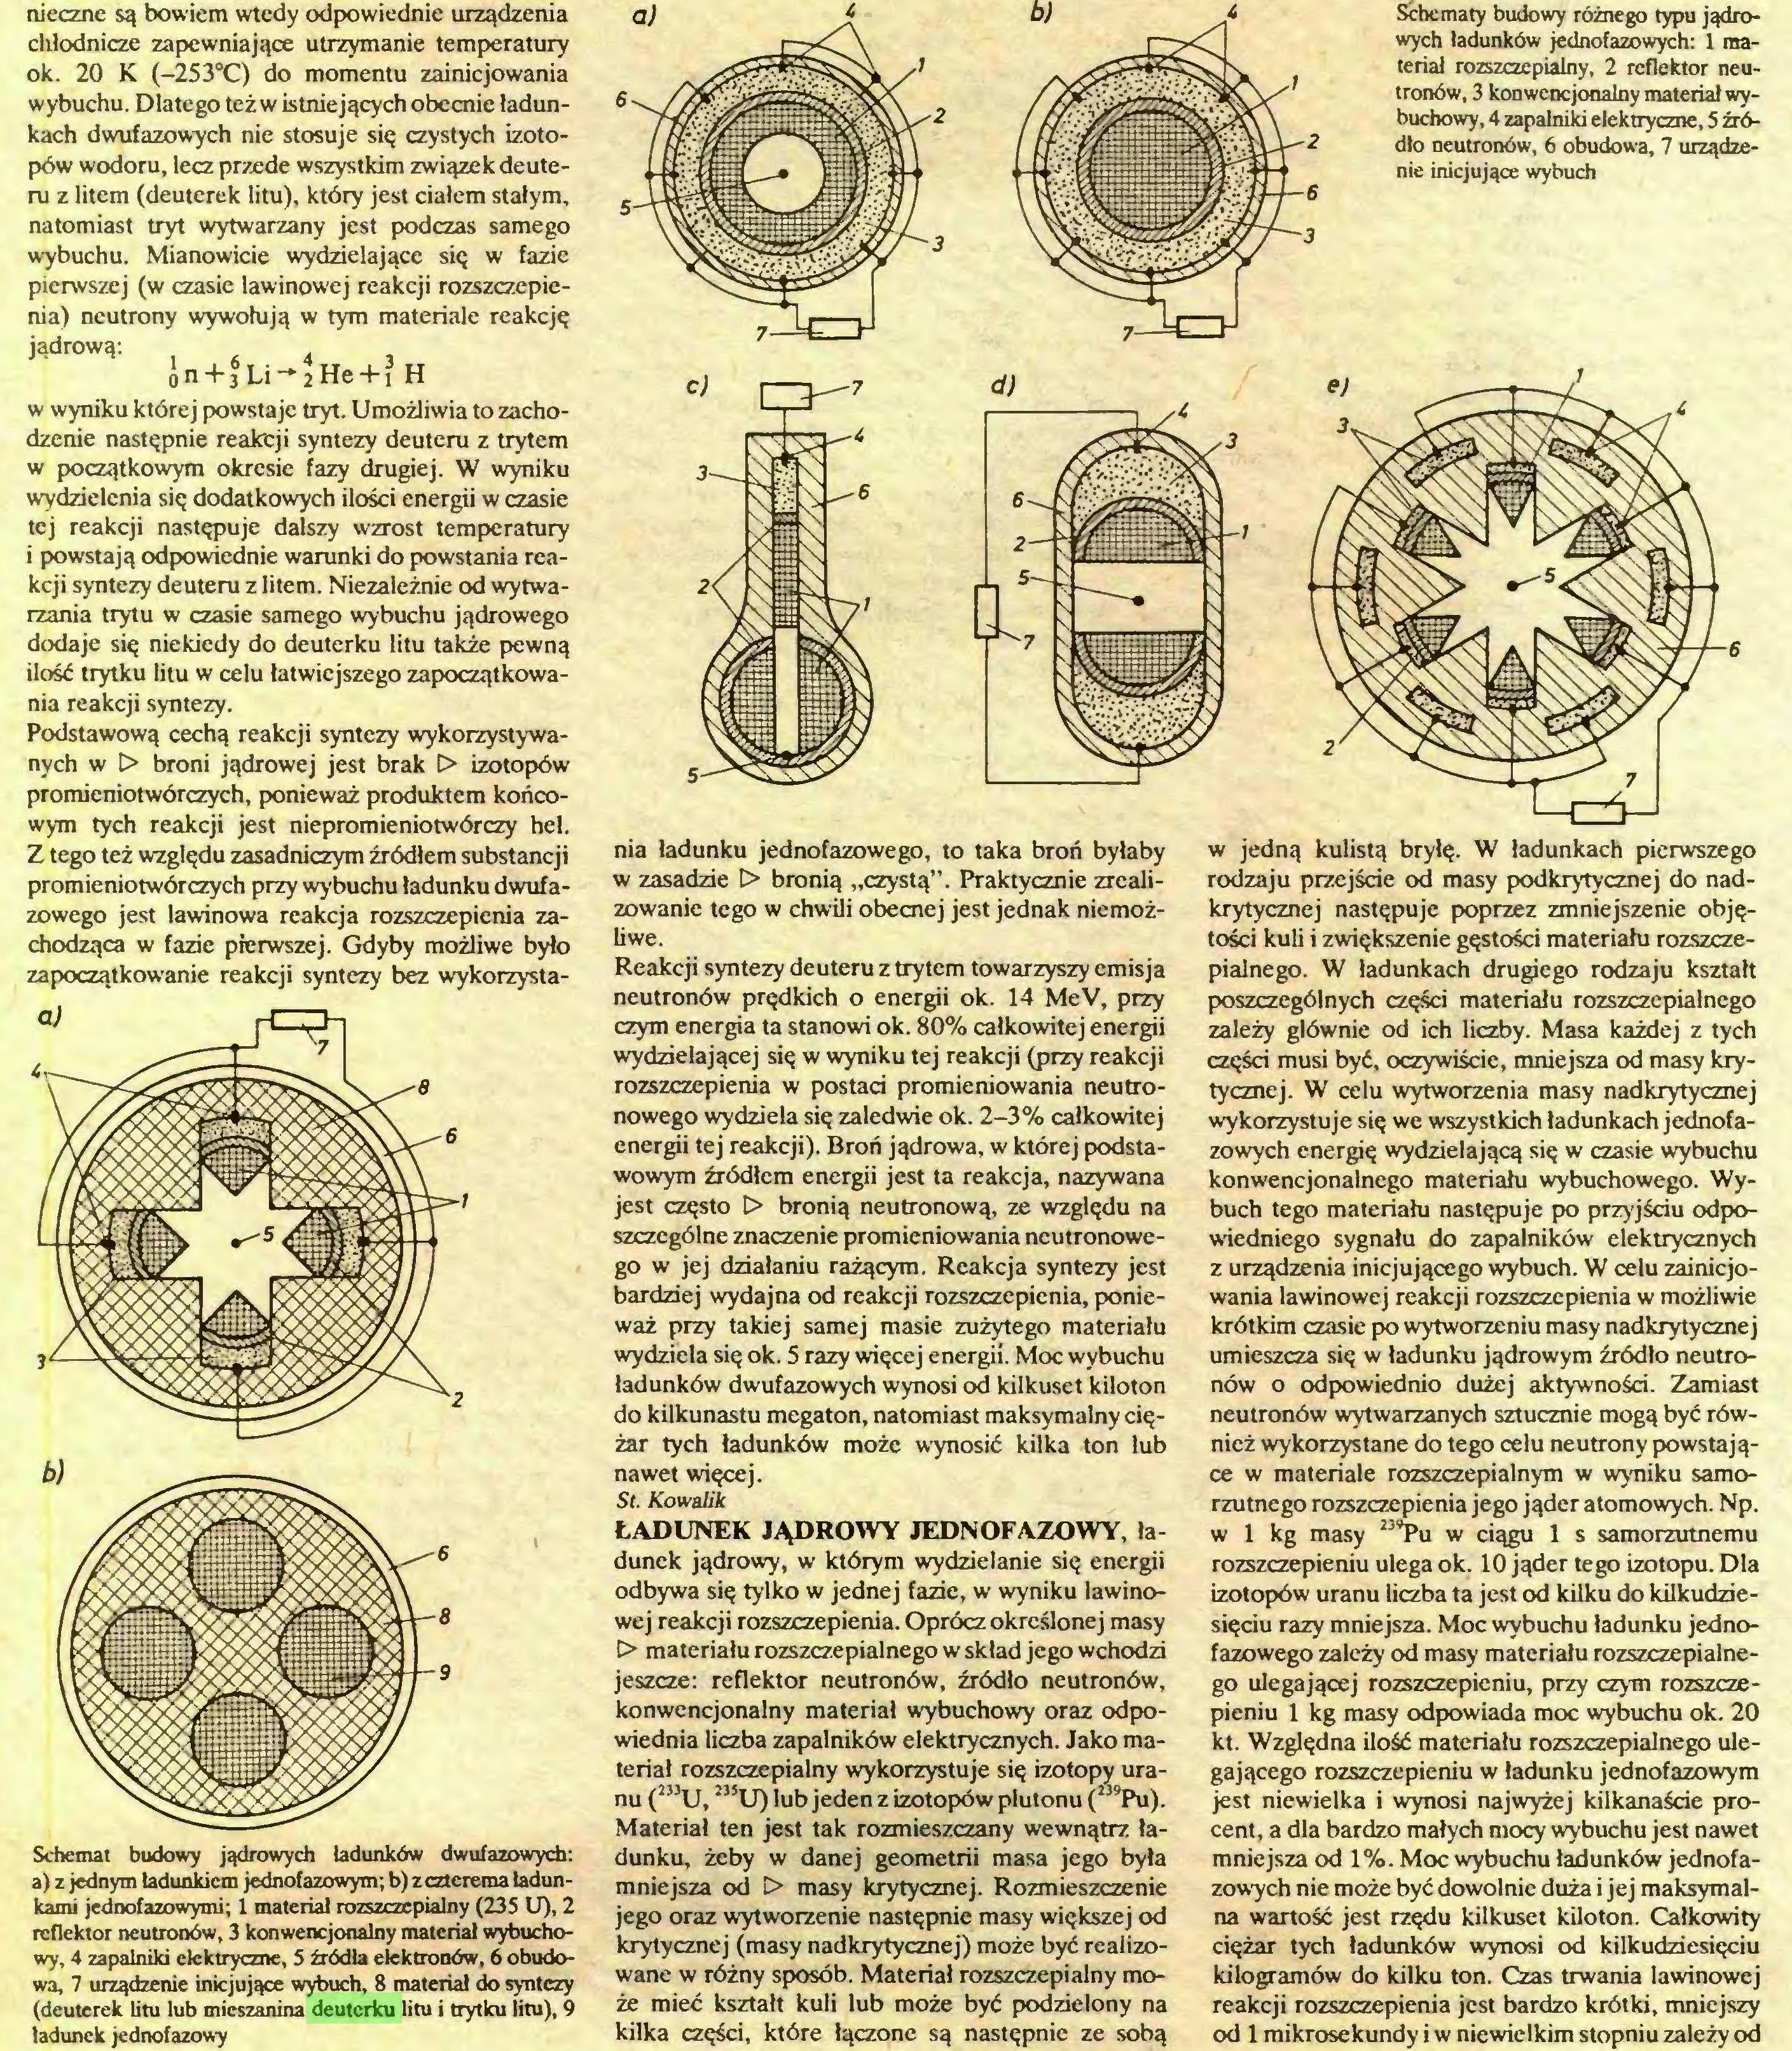 """(...) Schemat budowy jądrowych ładunków dwufazowych: a) z jednym ładunkiem jednofazowym; b) z czterema ładunkami jednofazowymi; 1 materiał rozszczepialny (235 U), 2 reflektor neutronów, 3 konwencjonalny materiał wybuchowy, 4 zapalniki elektryczne, 5 źródła elektronów, 6 obudowa, 7 urządzenie inicjujące wybuch, 8 materiał do syntezy (deuterek litu łub mieszanina deuterku litu i trytku litu), 9 ładunek jednofazowy Schematy budowy różnego typu jądrowych ładunków jednofazowych: 1 materiał rozszczepialny, 2 reflektor neutronów, 3 konwencjonalny materiał wybuchowy, 4 zapalniki elektryczne, 5 źródło neutronów, 6 obudowa, 7 urządzenie inicjujące wybuch nia ładunku jednofazowego, to taka broń byłaby w zasadzie t> bronią """"czystą"""". Praktycznie zreali..."""